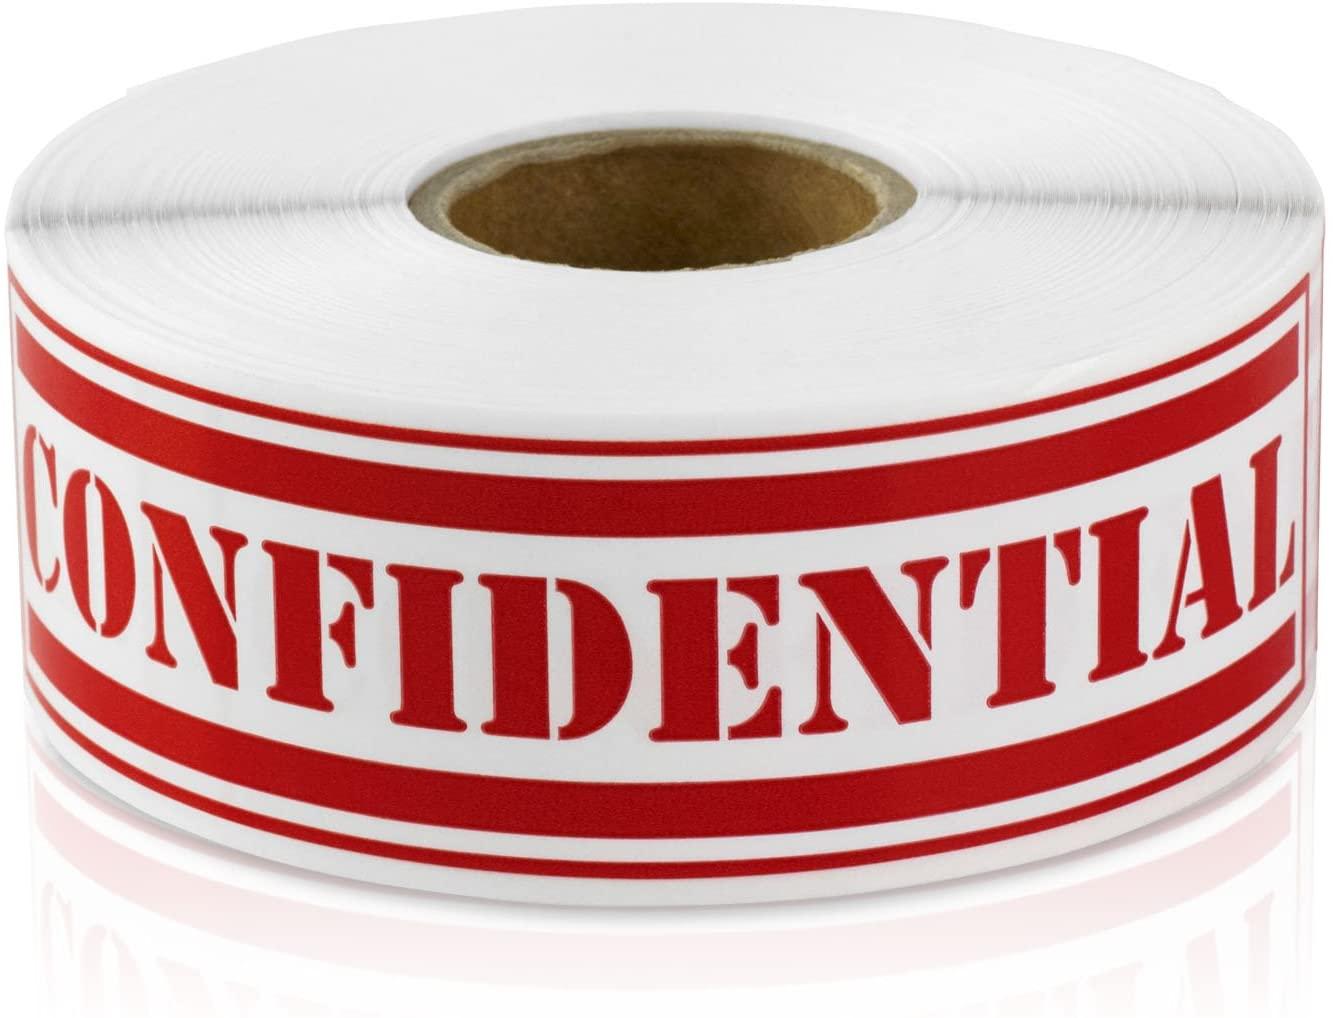 Confidential 1